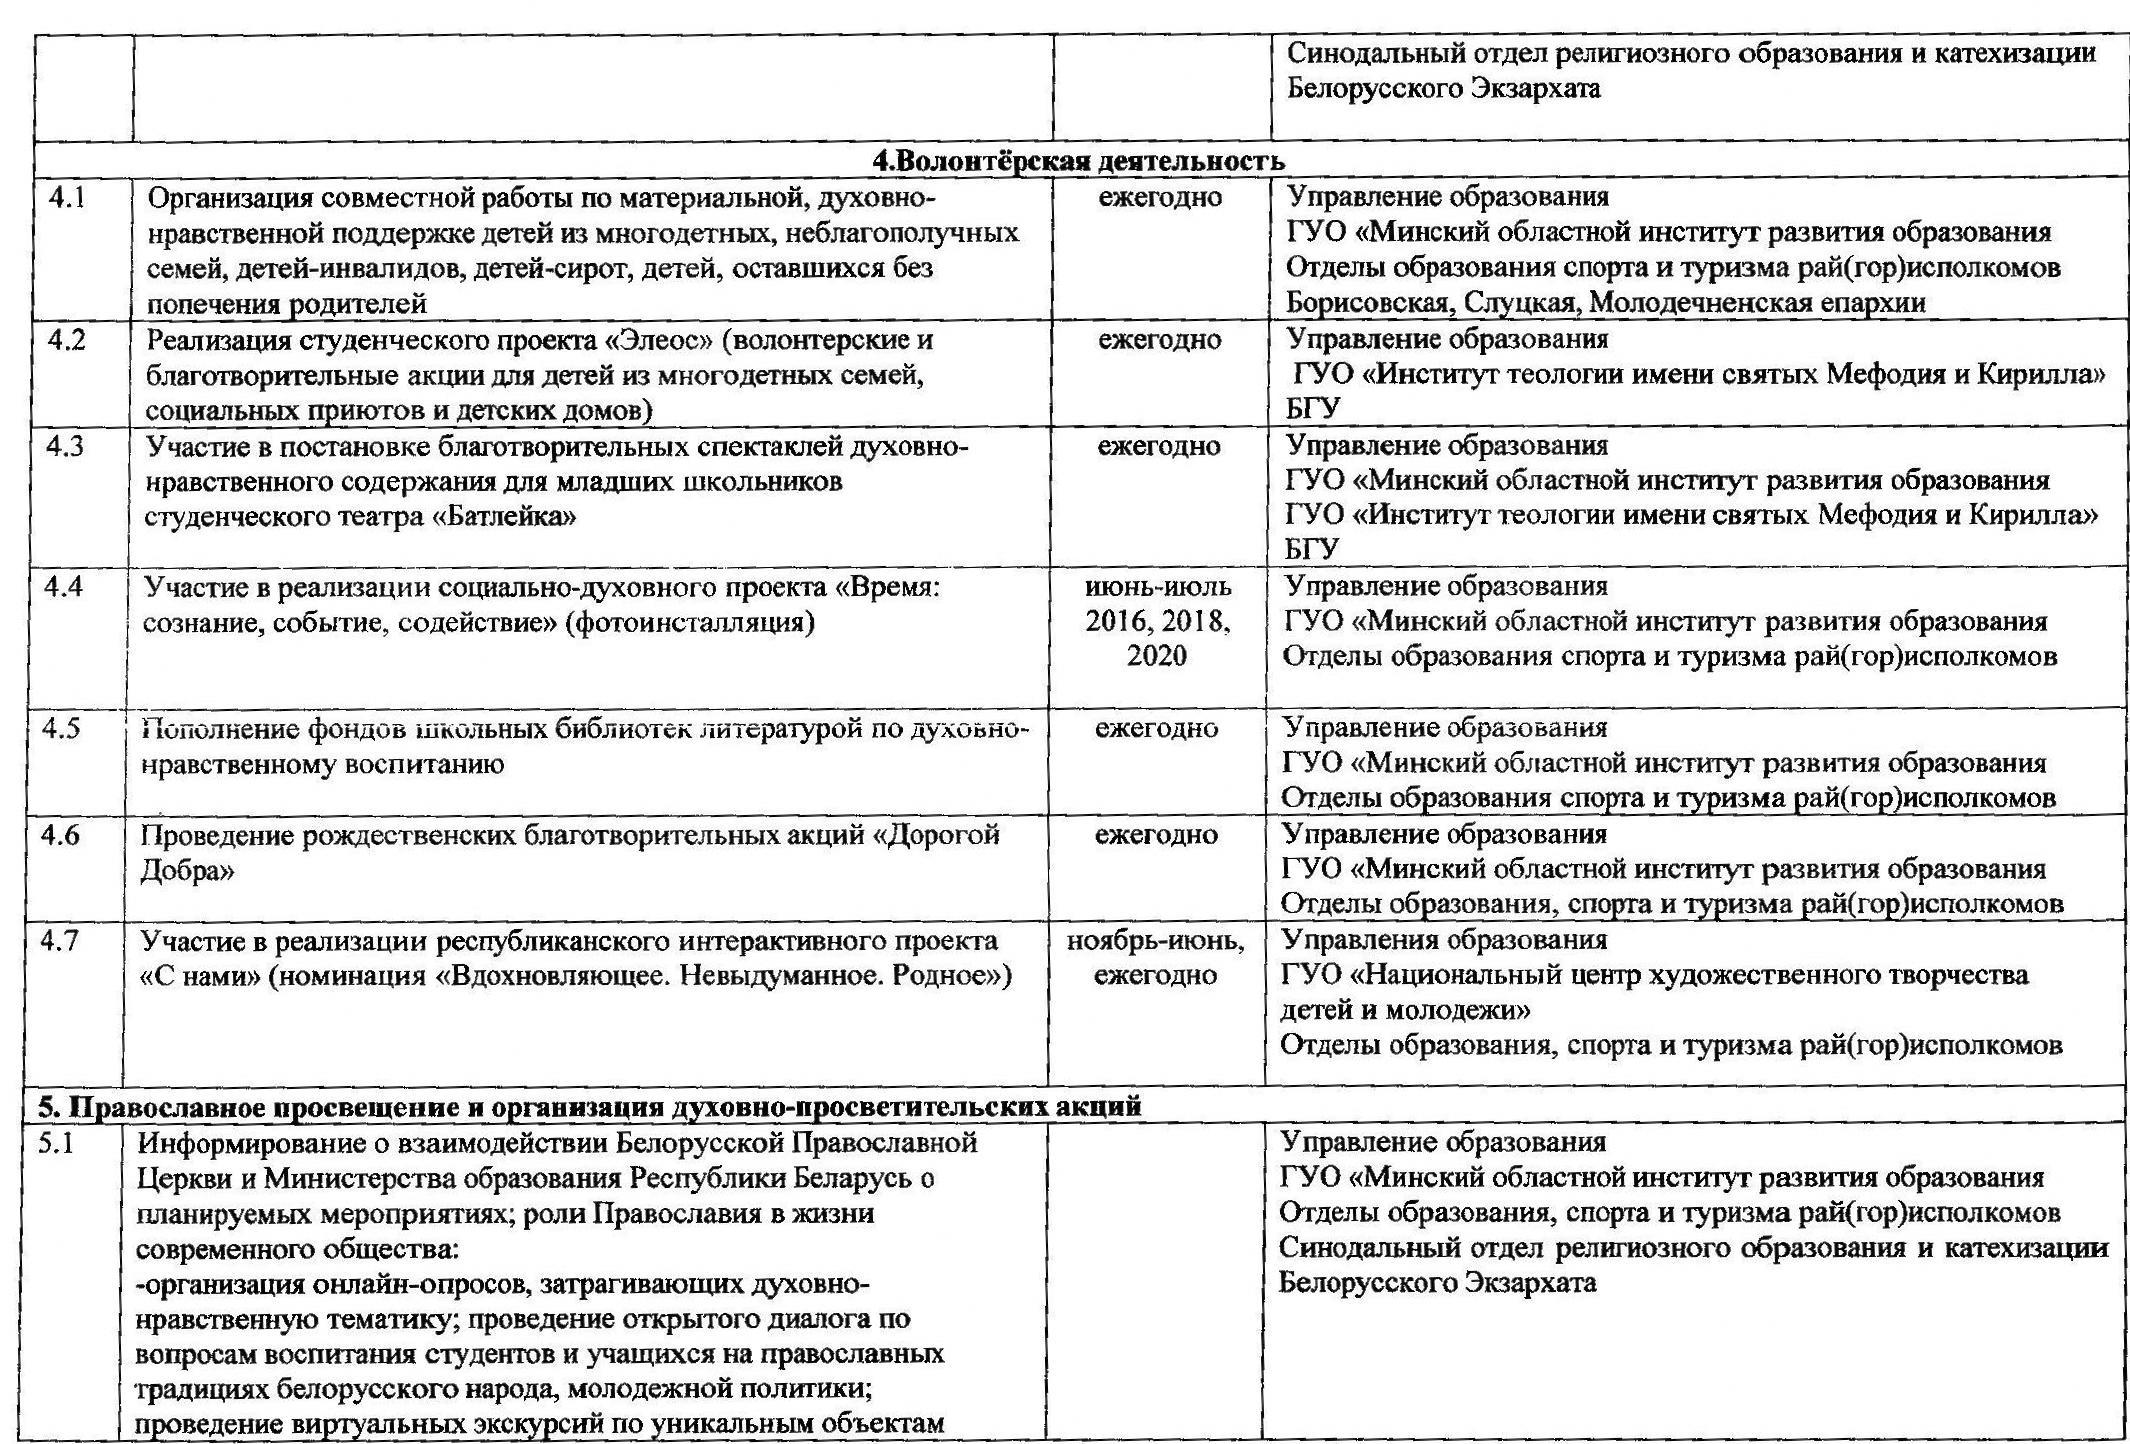 Программа сотрудничества Миноблисполкома и Минской митрополии в сфере образования (содержание)_Страница_5